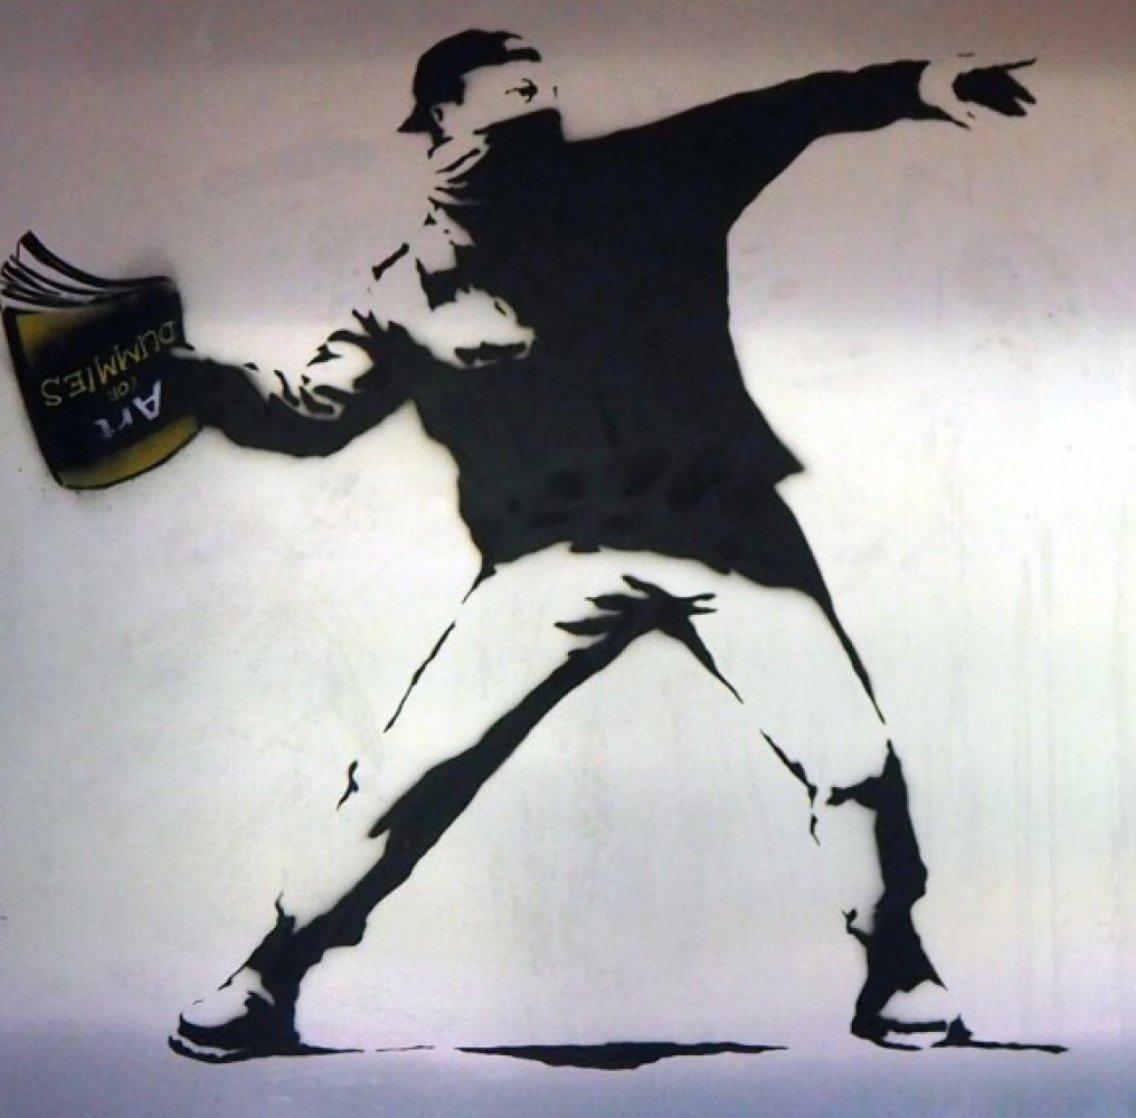 Banksy Thrower Unique on Metal 2012 36x36 Huge Original Painting by Mr. Brainwash